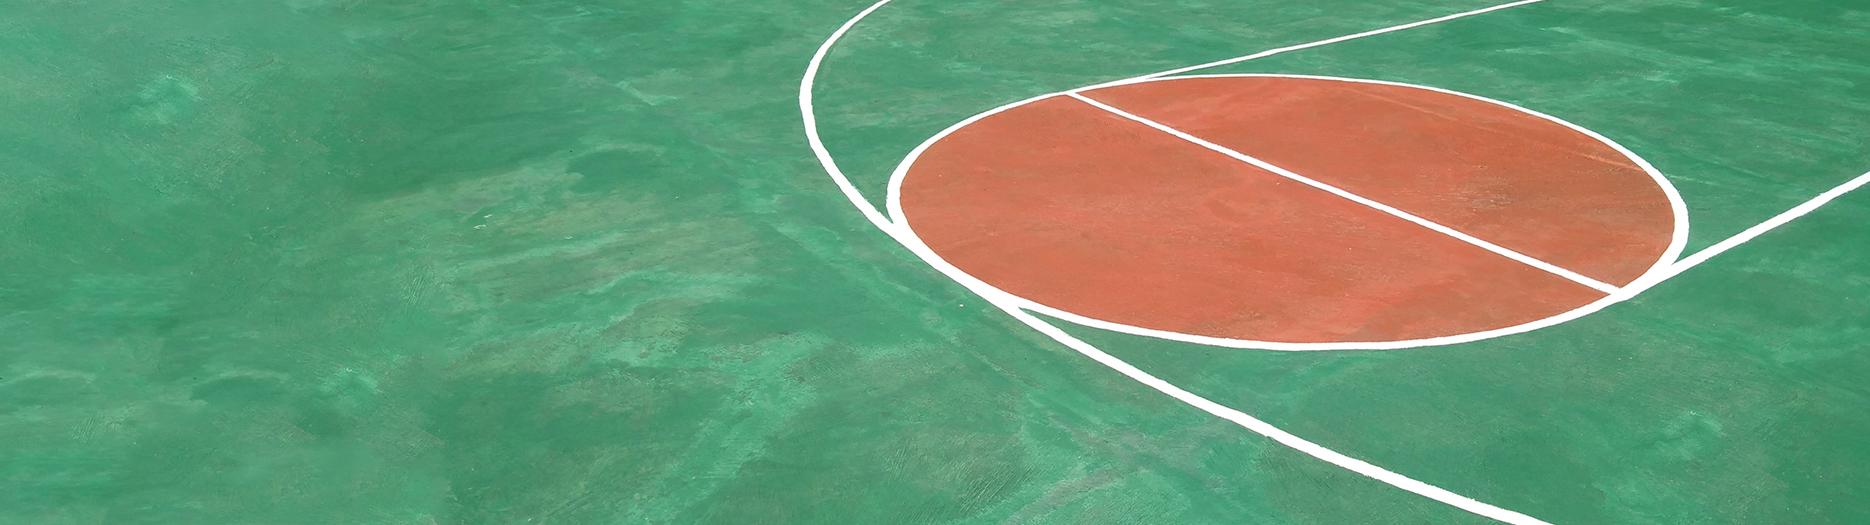 1870px x525px court